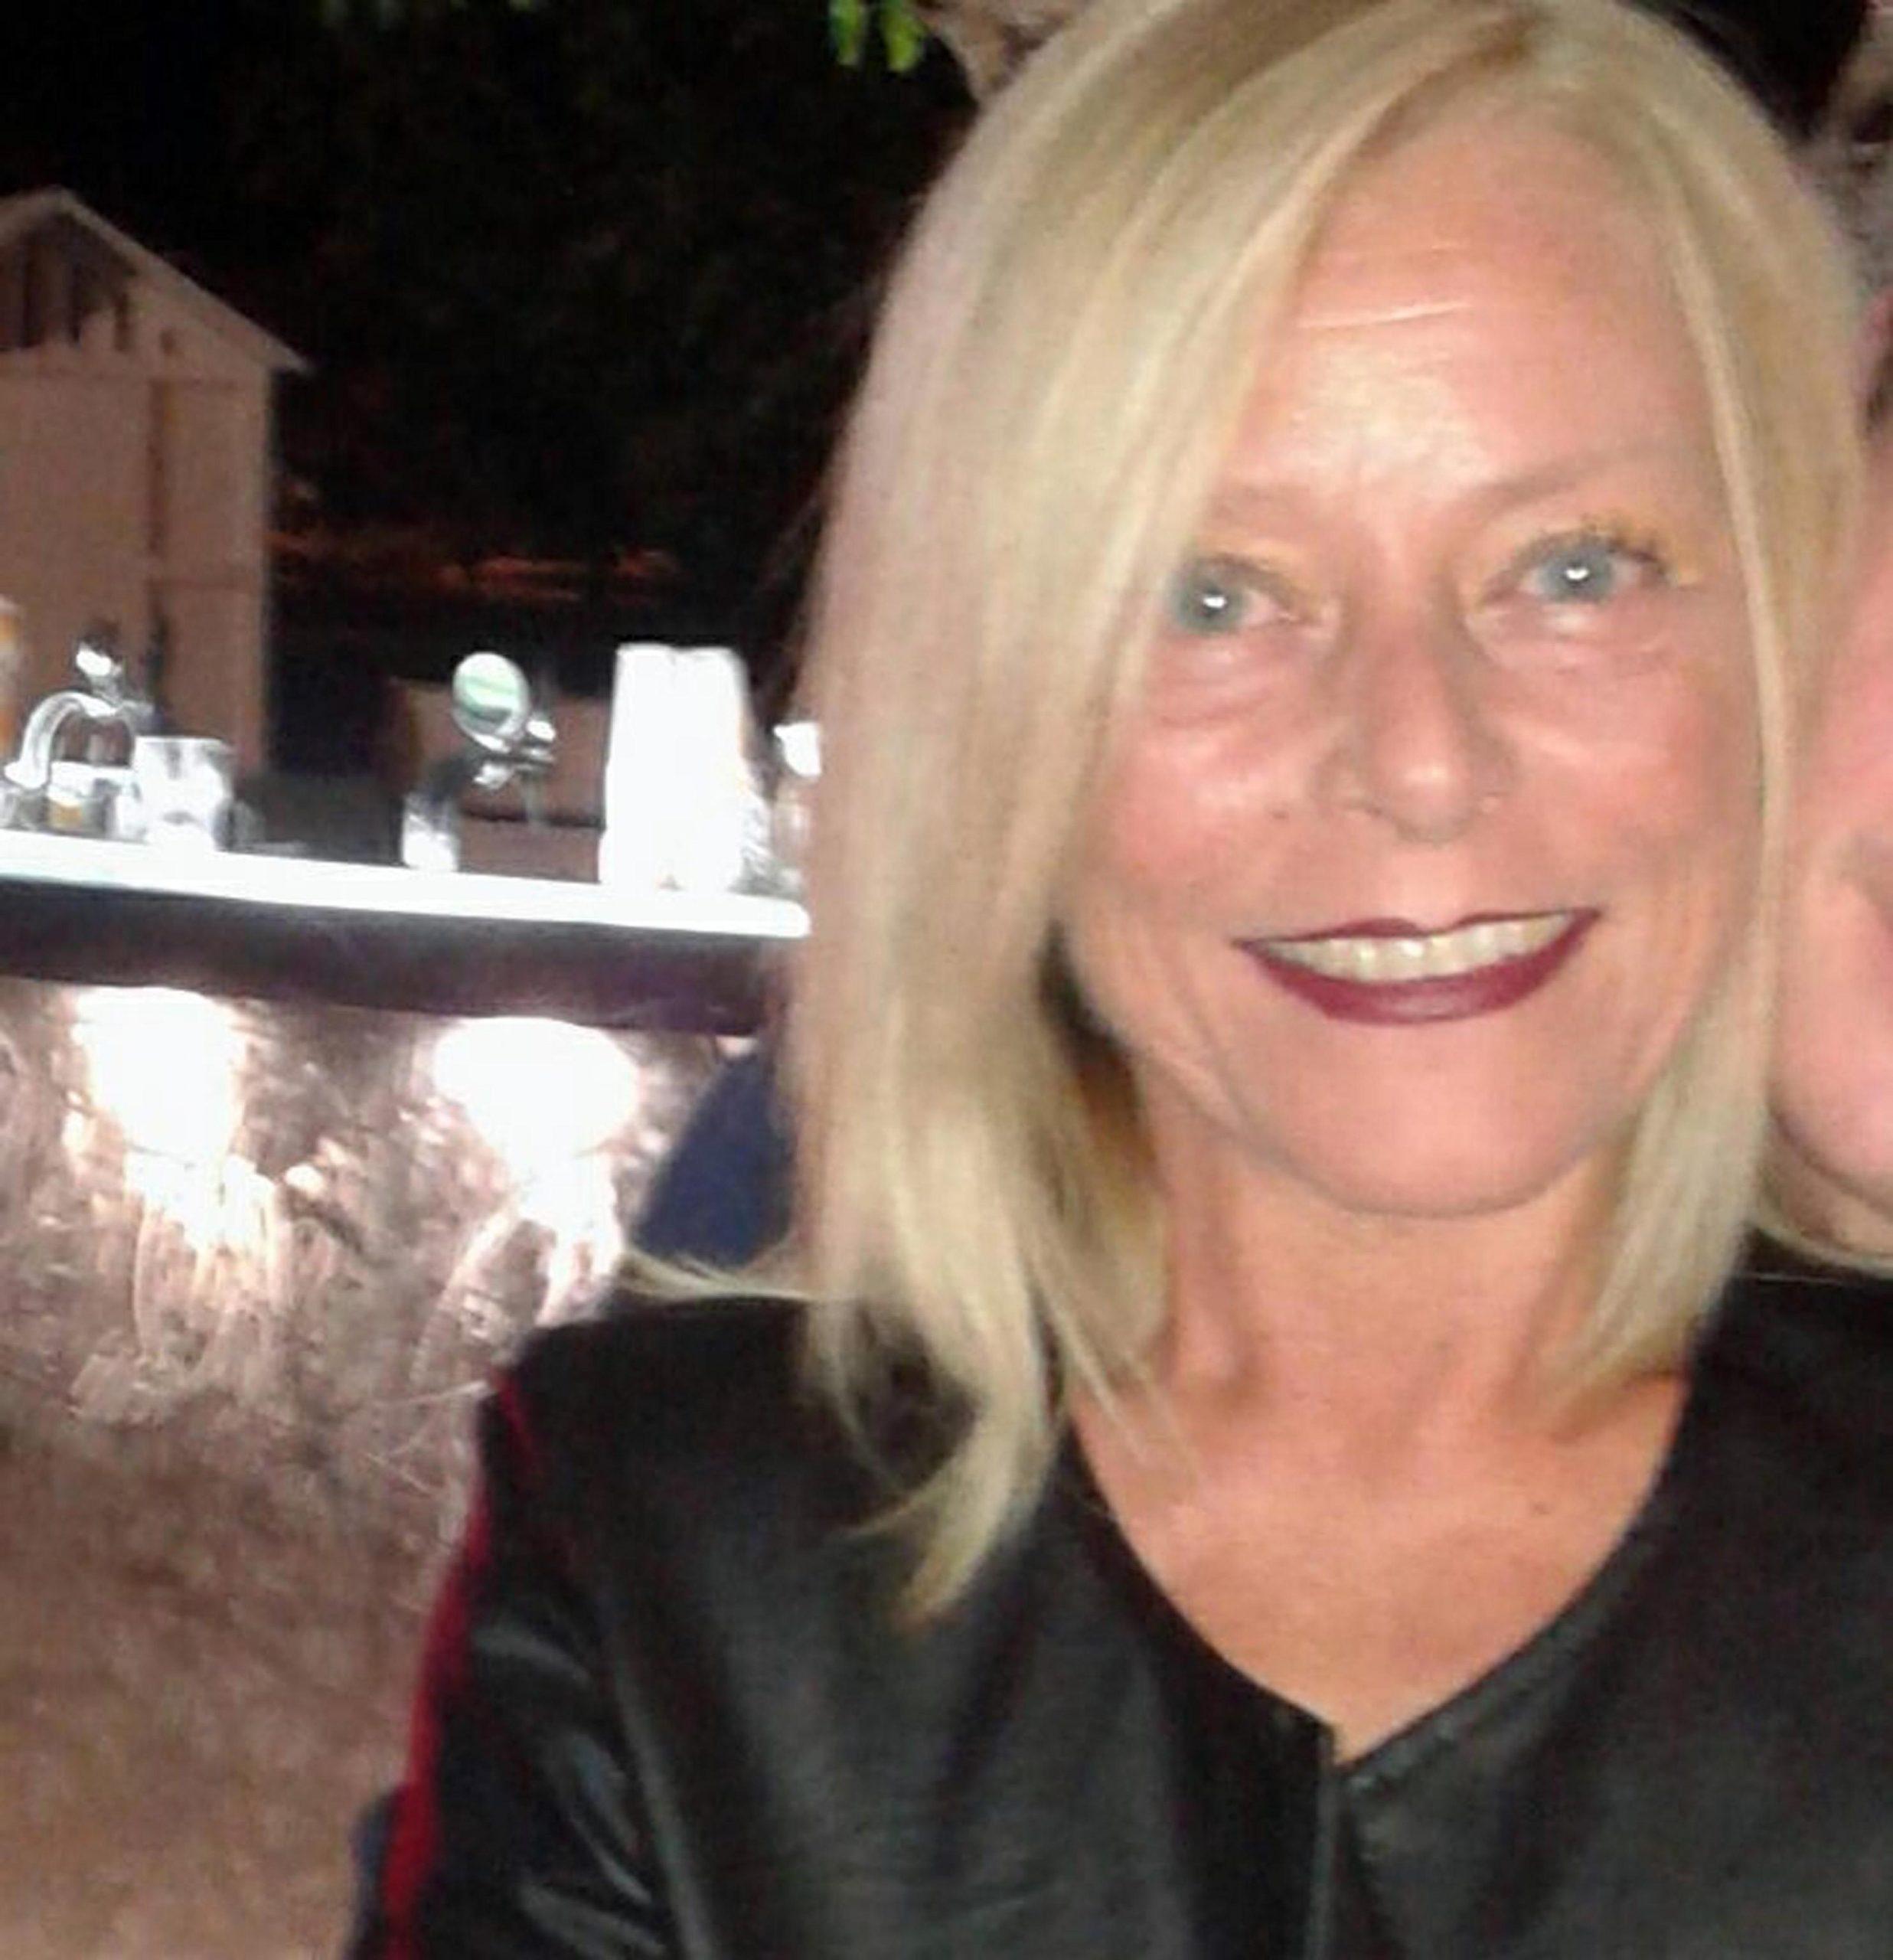 Omicidio a Pesaro assassino fermato ha confessato di aver ucciso una donna di 52 anni